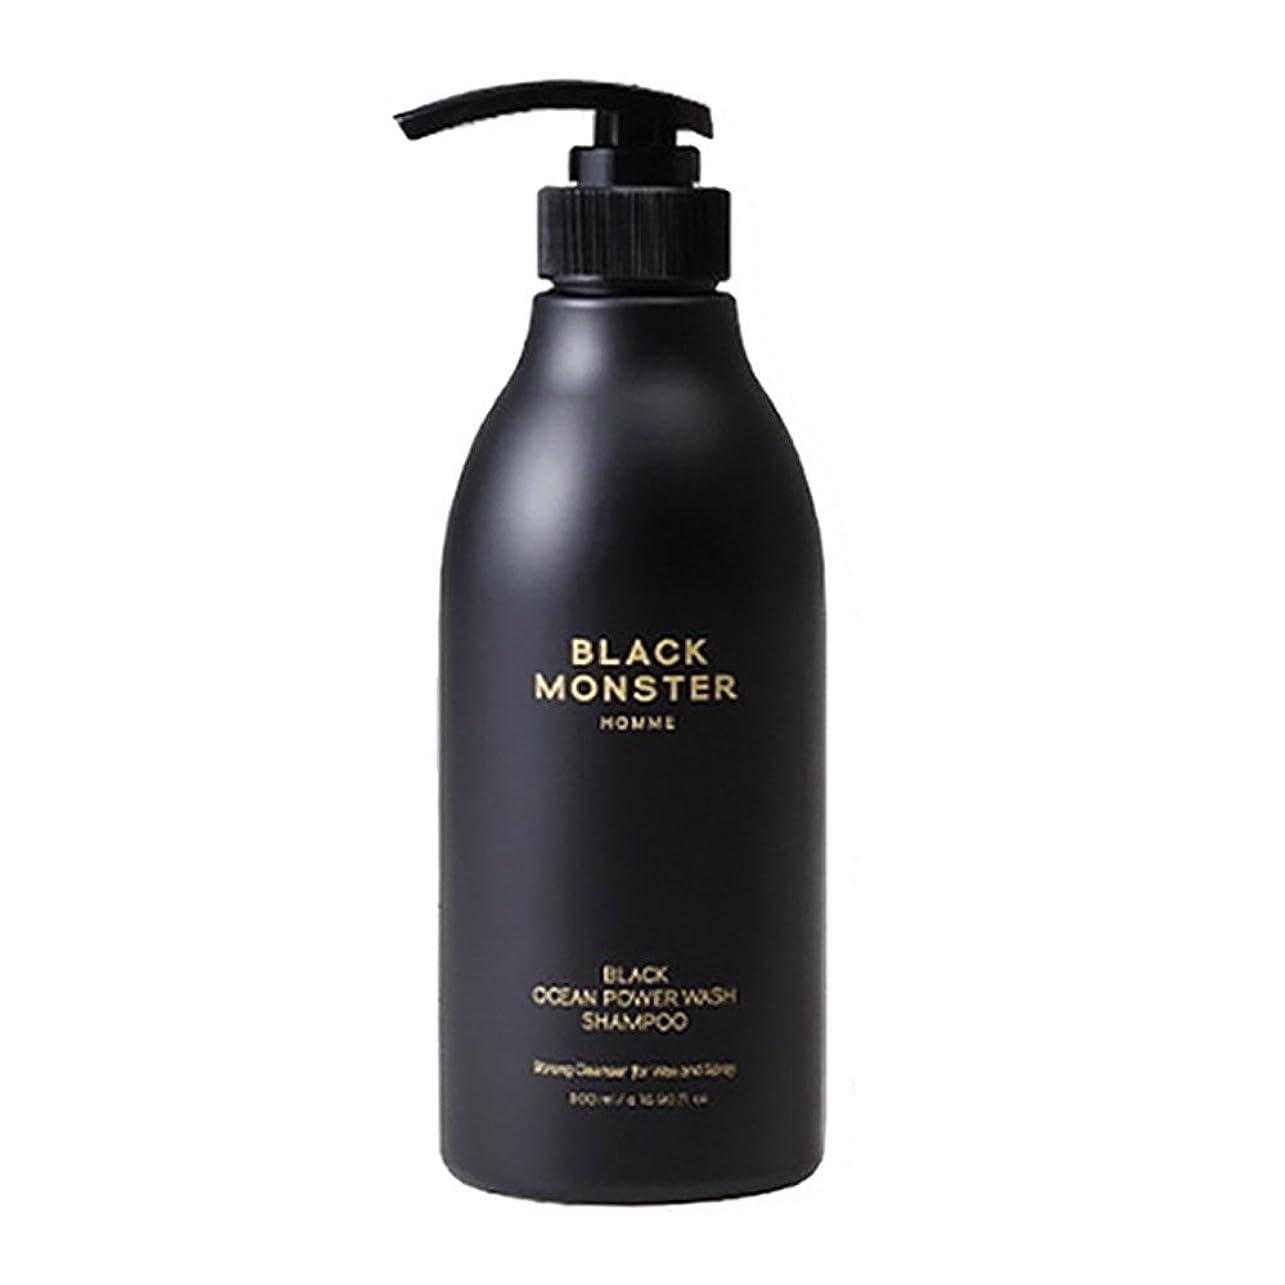 観点錆び大事にする[ブレンクTV] blanktv Black Monster ブラックオーシャンシャンプ 500ml 海外直送品 black ocean shampoo [並行輸入品]